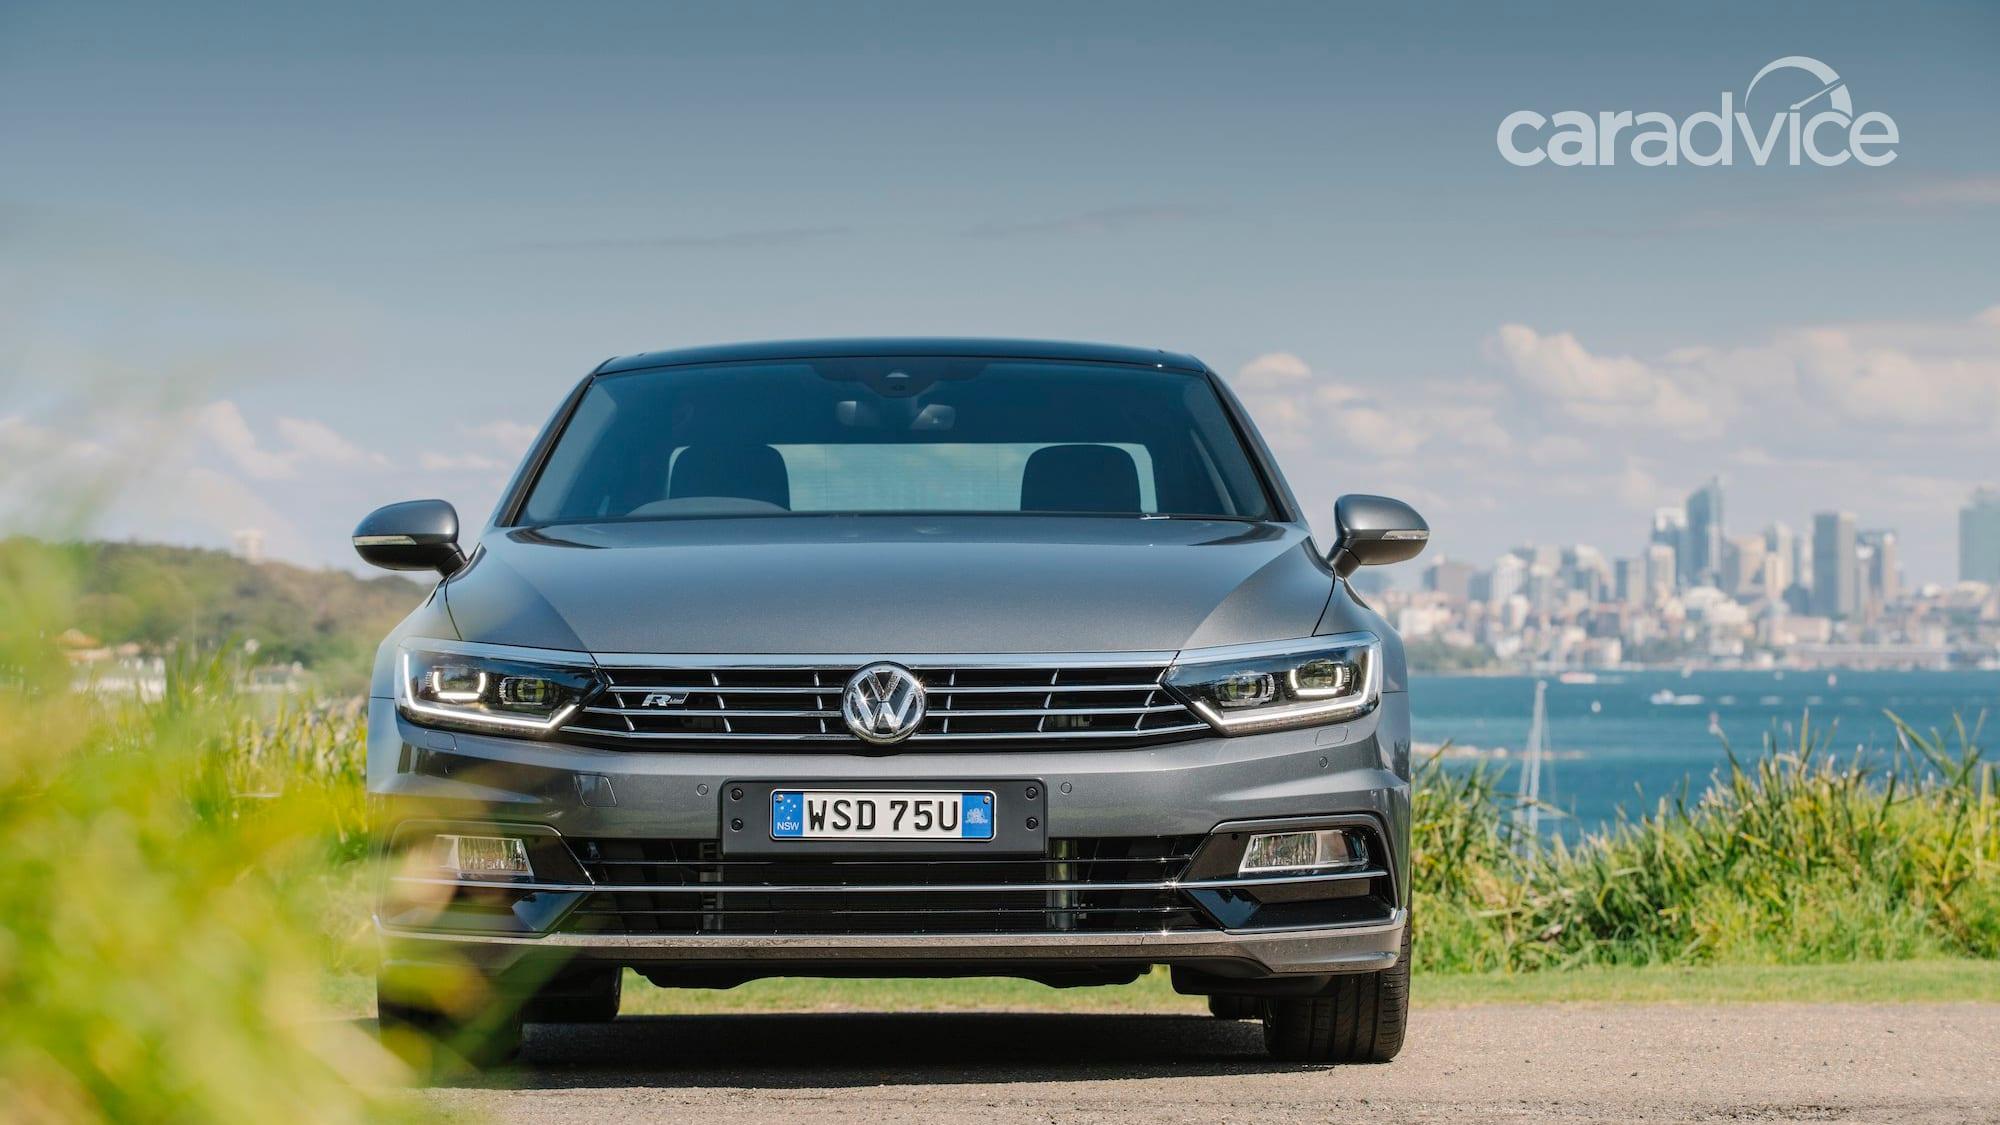 2016 Volkswagen Passat Review - Photos